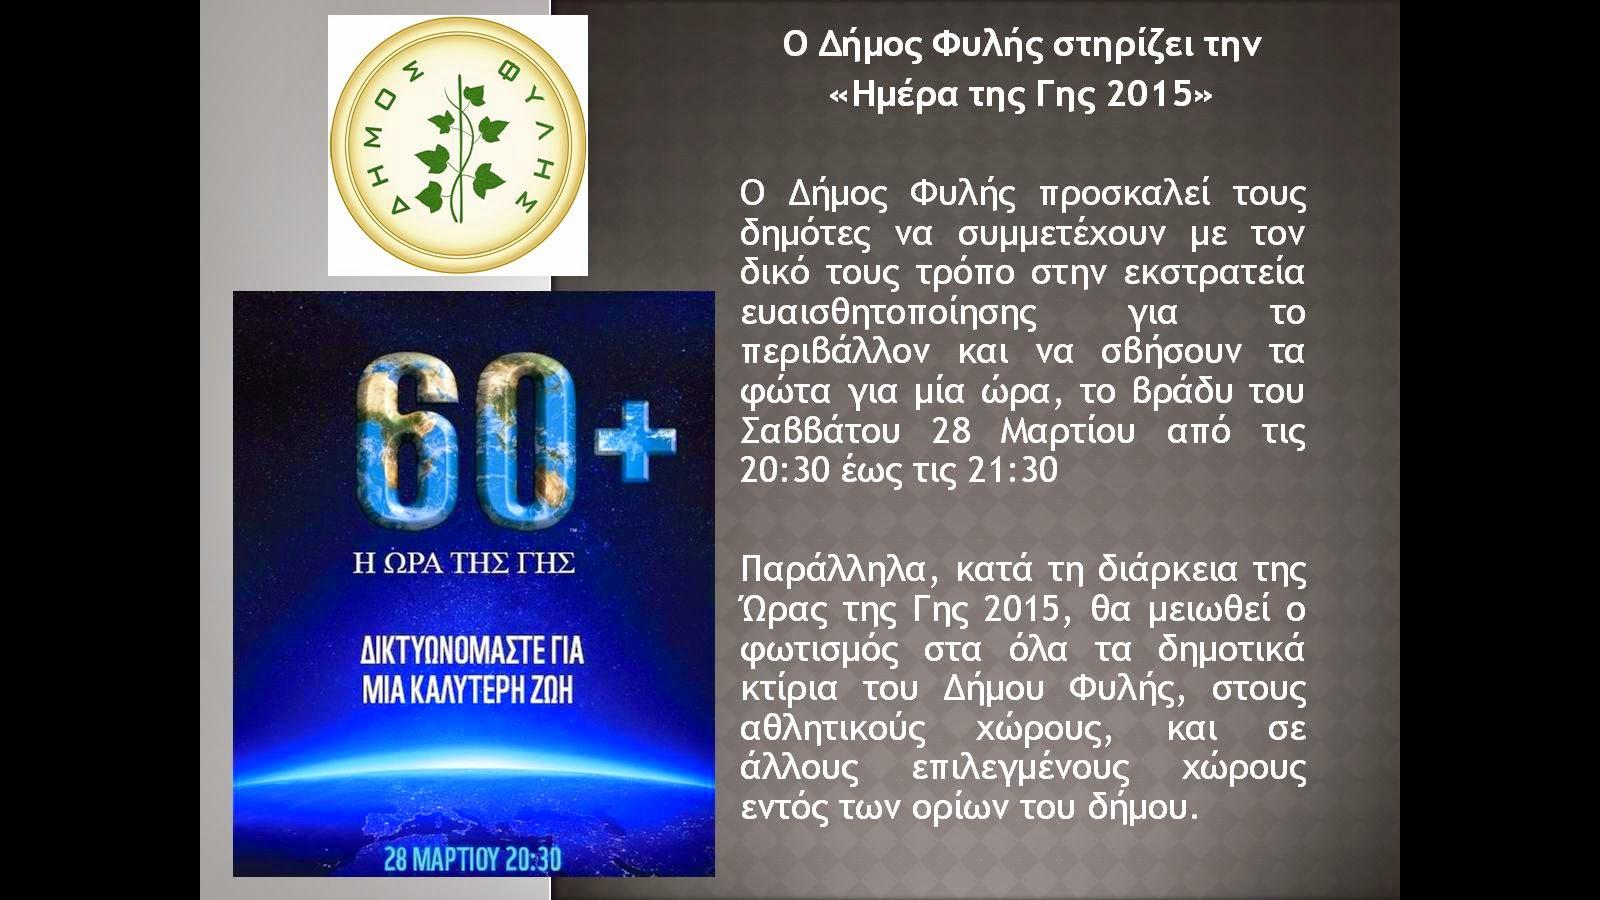 Ο Δήμος Φυλής στηρίζει την «Ημέρα της Γης 2015»